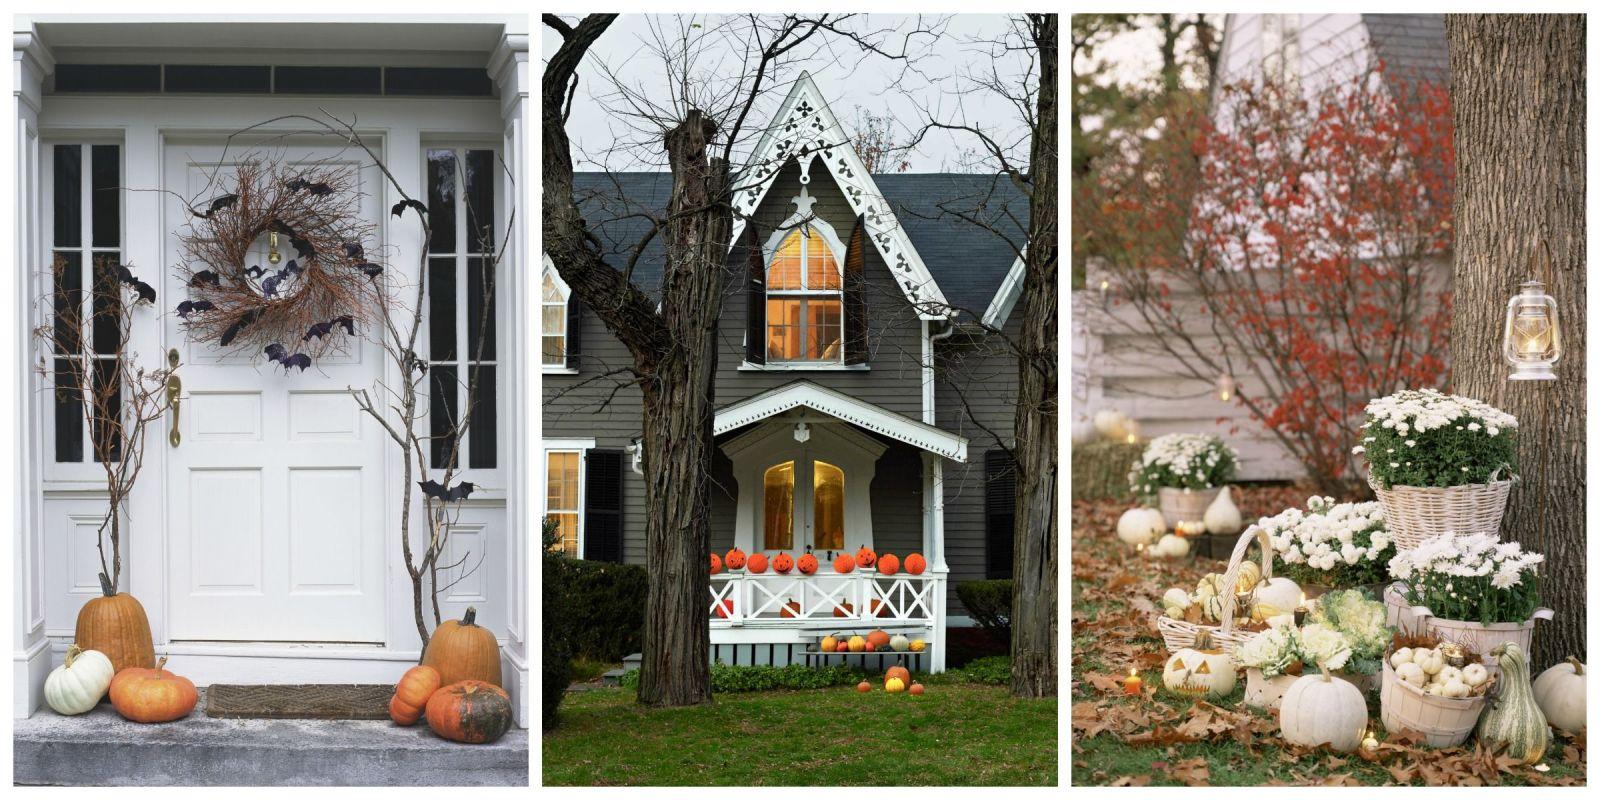 35 best outdoor halloween decoration ideas easy halloween yard and porch decor - Easy Diy Halloween Decorations Outdoor